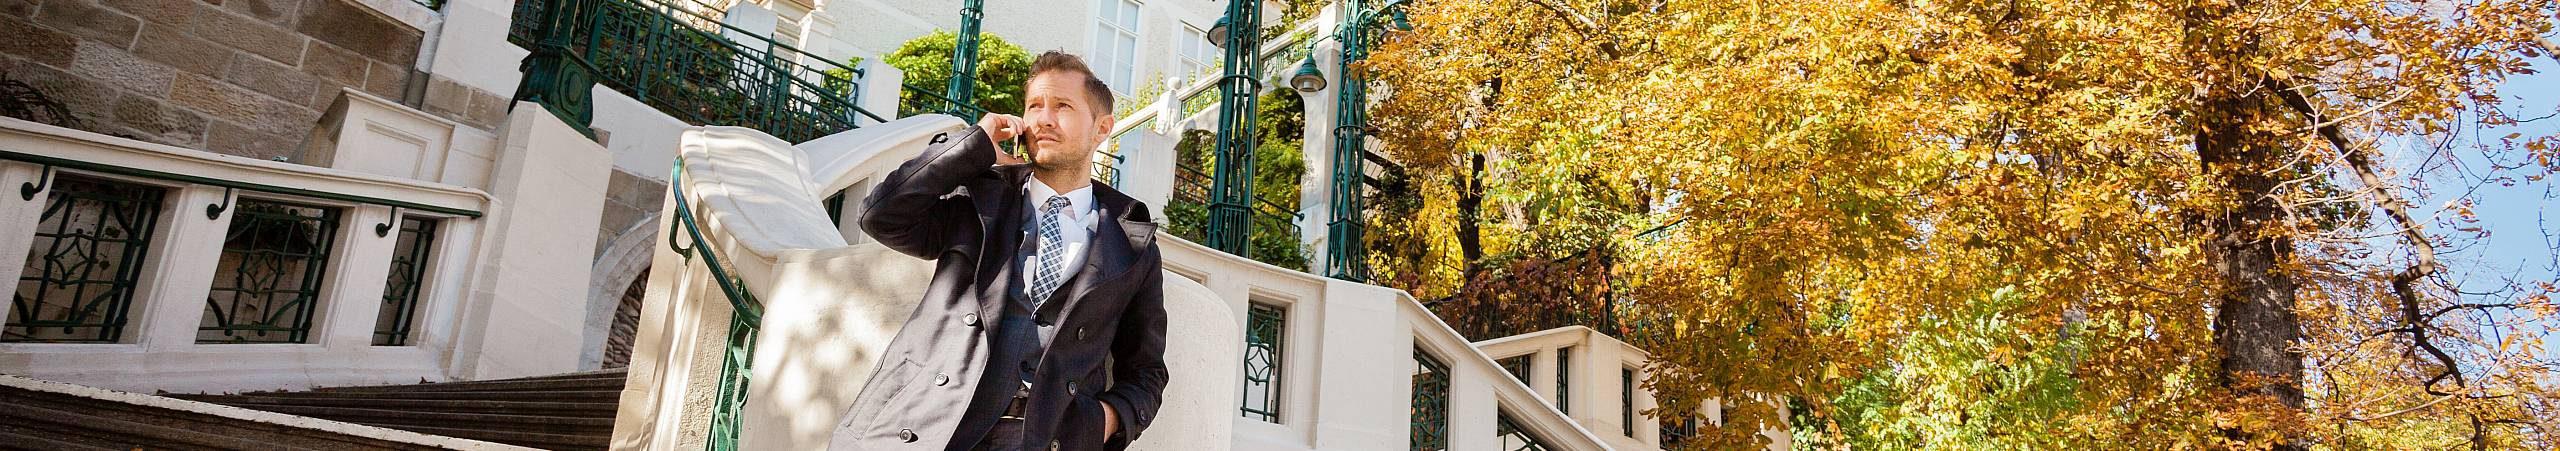 Mann, gekleidet in einen Anzug, steht am unteren Ende der Strudlhofstiege und telefoniert. Im Hintergrund leuchtet ein Laubbaum in herbstlichen Farben. Foto von Stephan Doleschal.